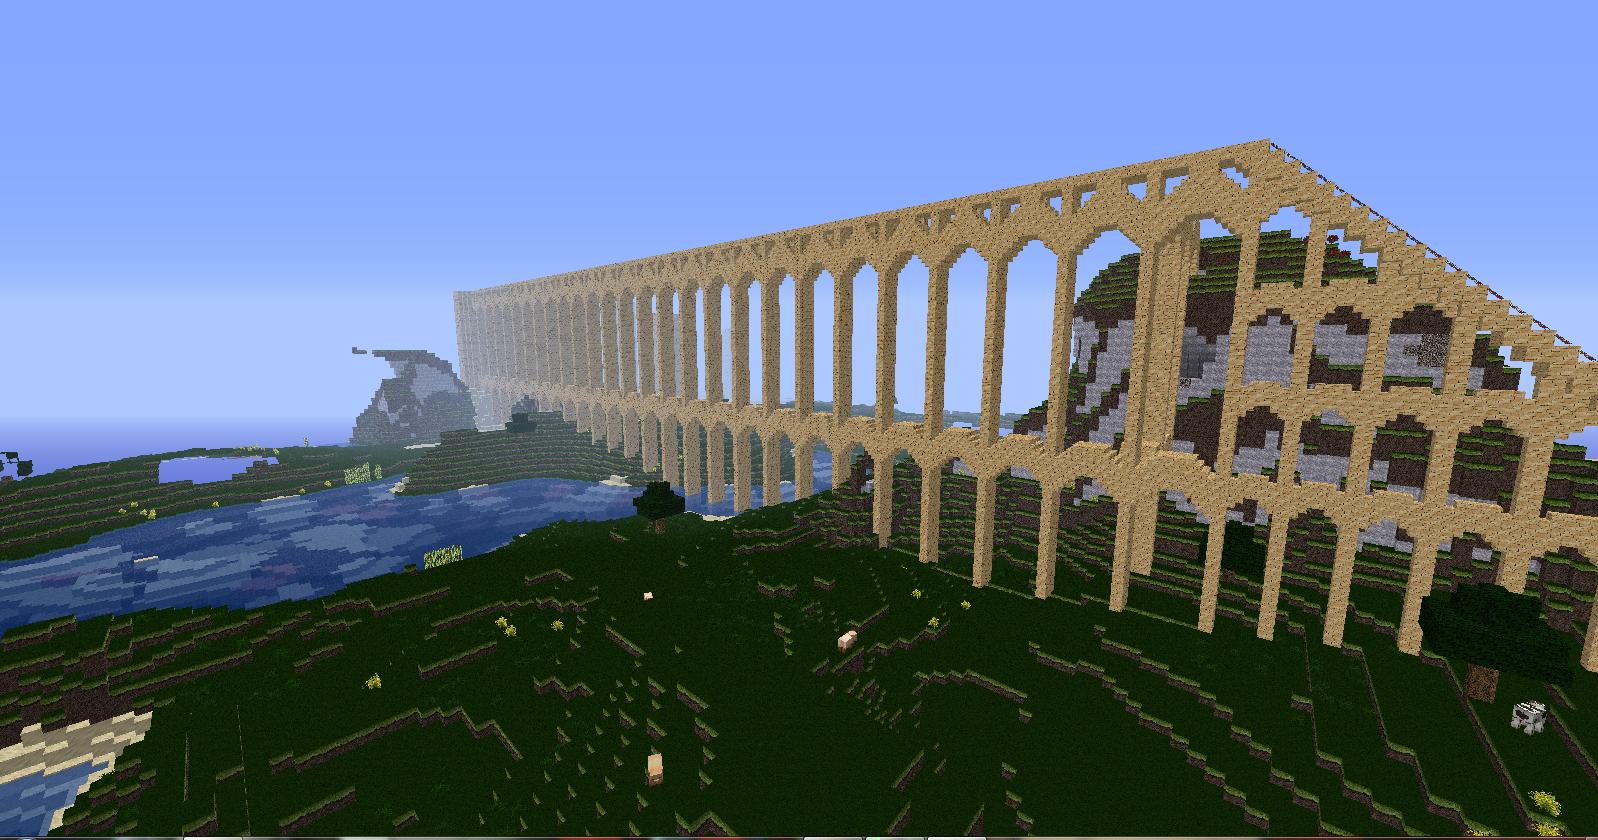 Minecraft aqueduct by Raiichiro